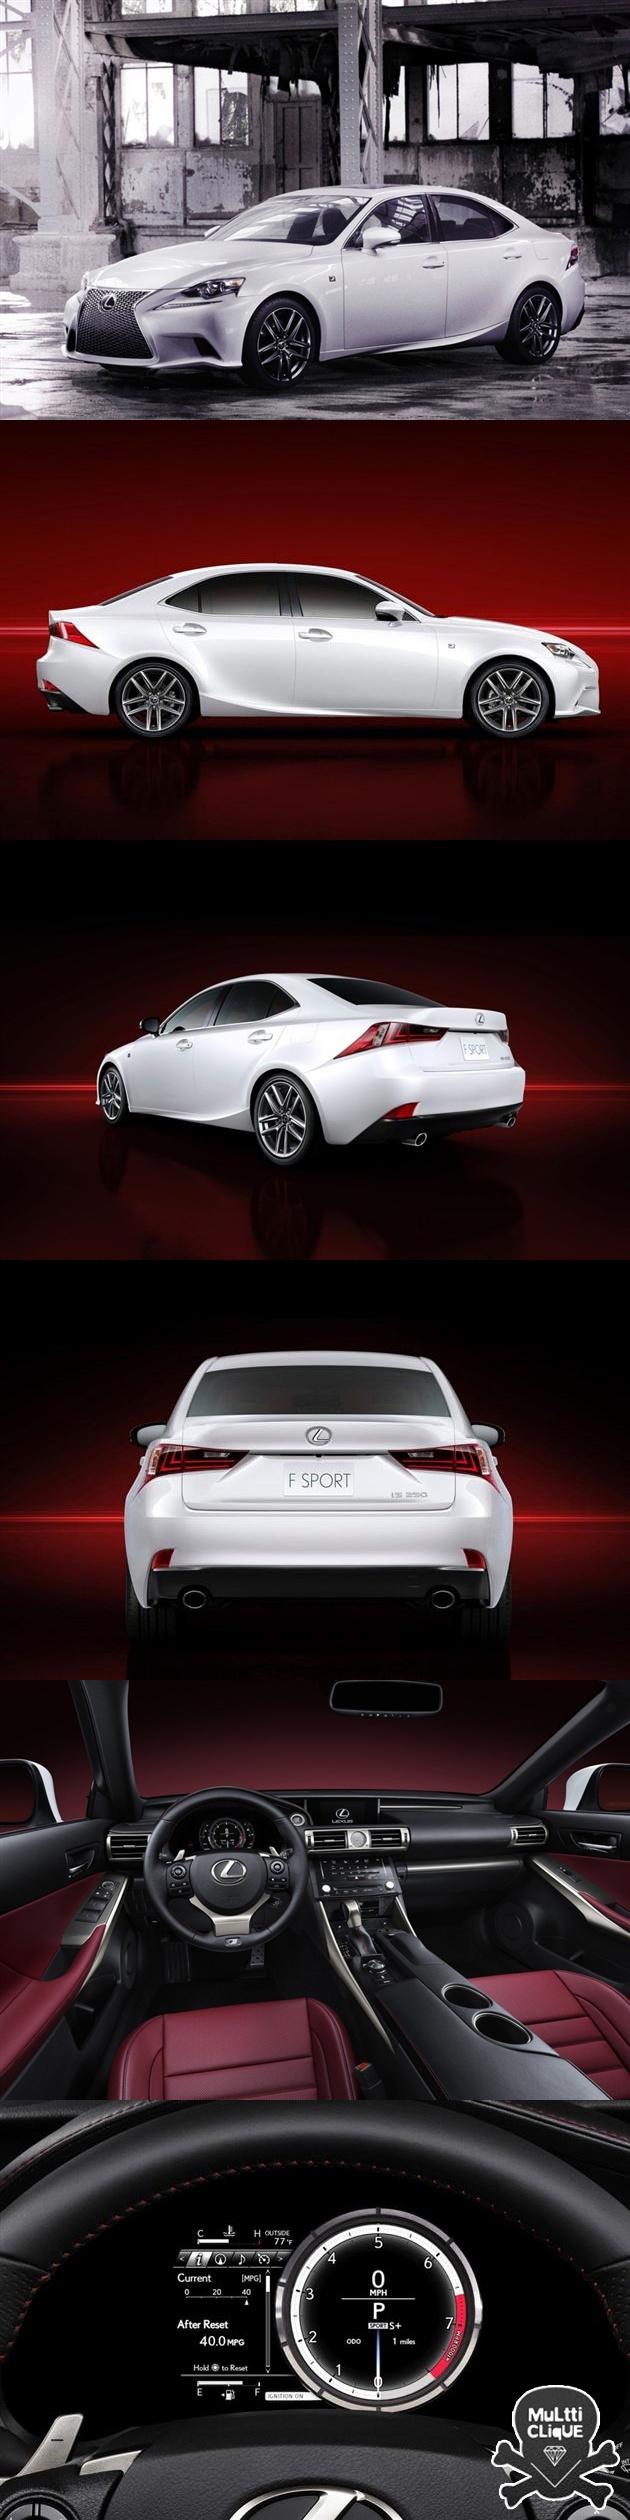 Lexus Coupe LF-CC